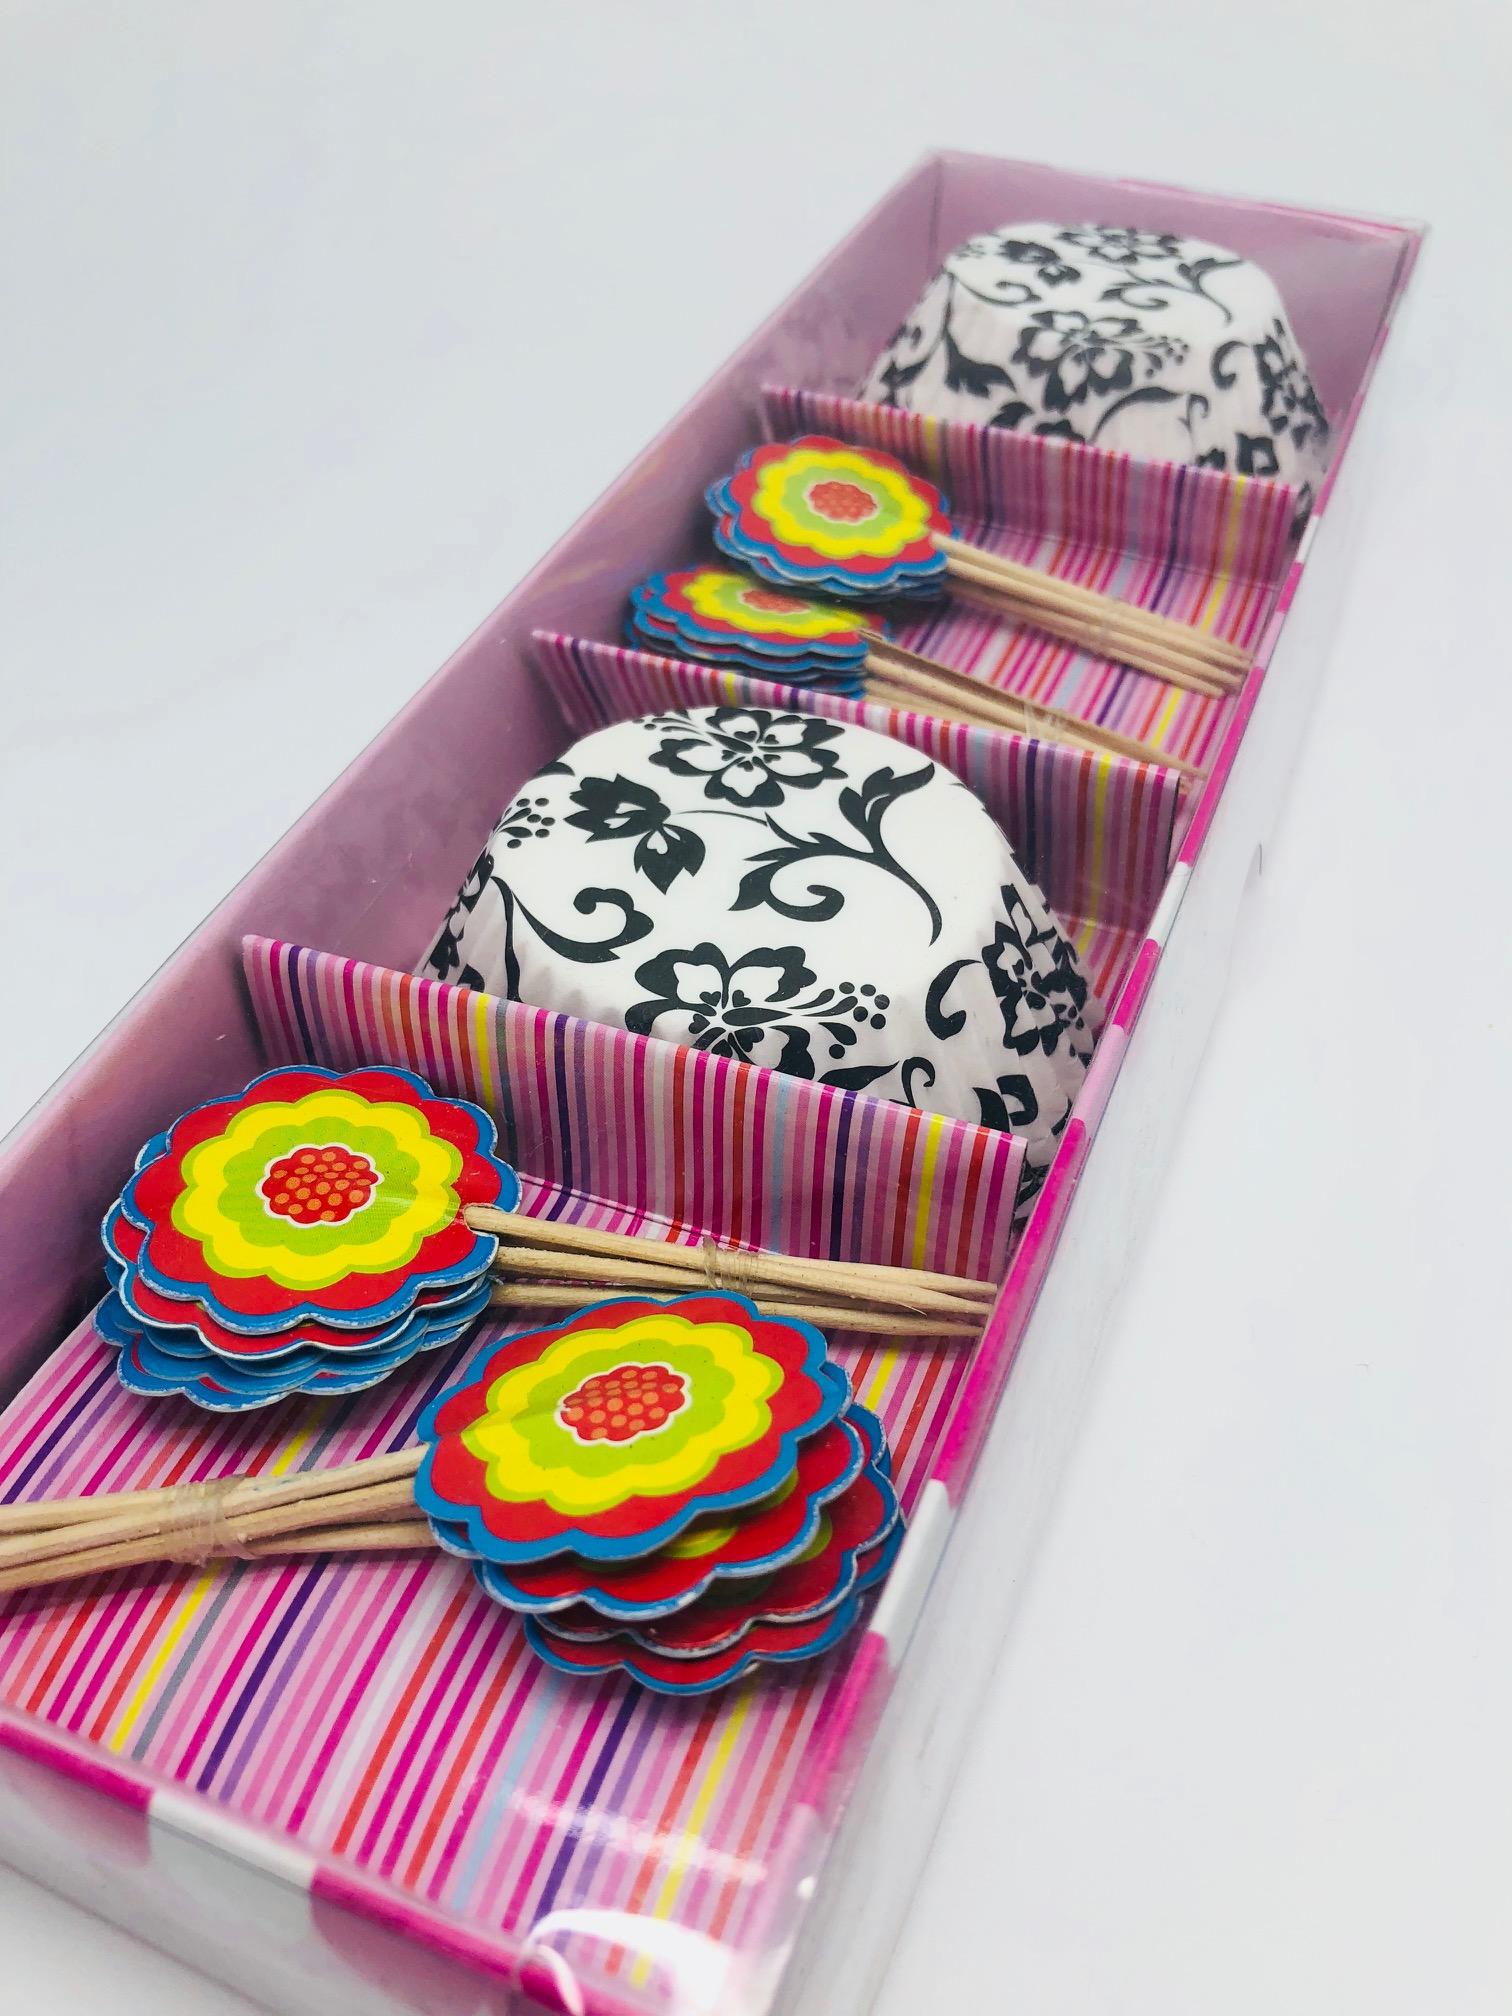 Siyah Beyaz Desen Desenli Muffin Cup Cake Kapsulu Ve Kurdani